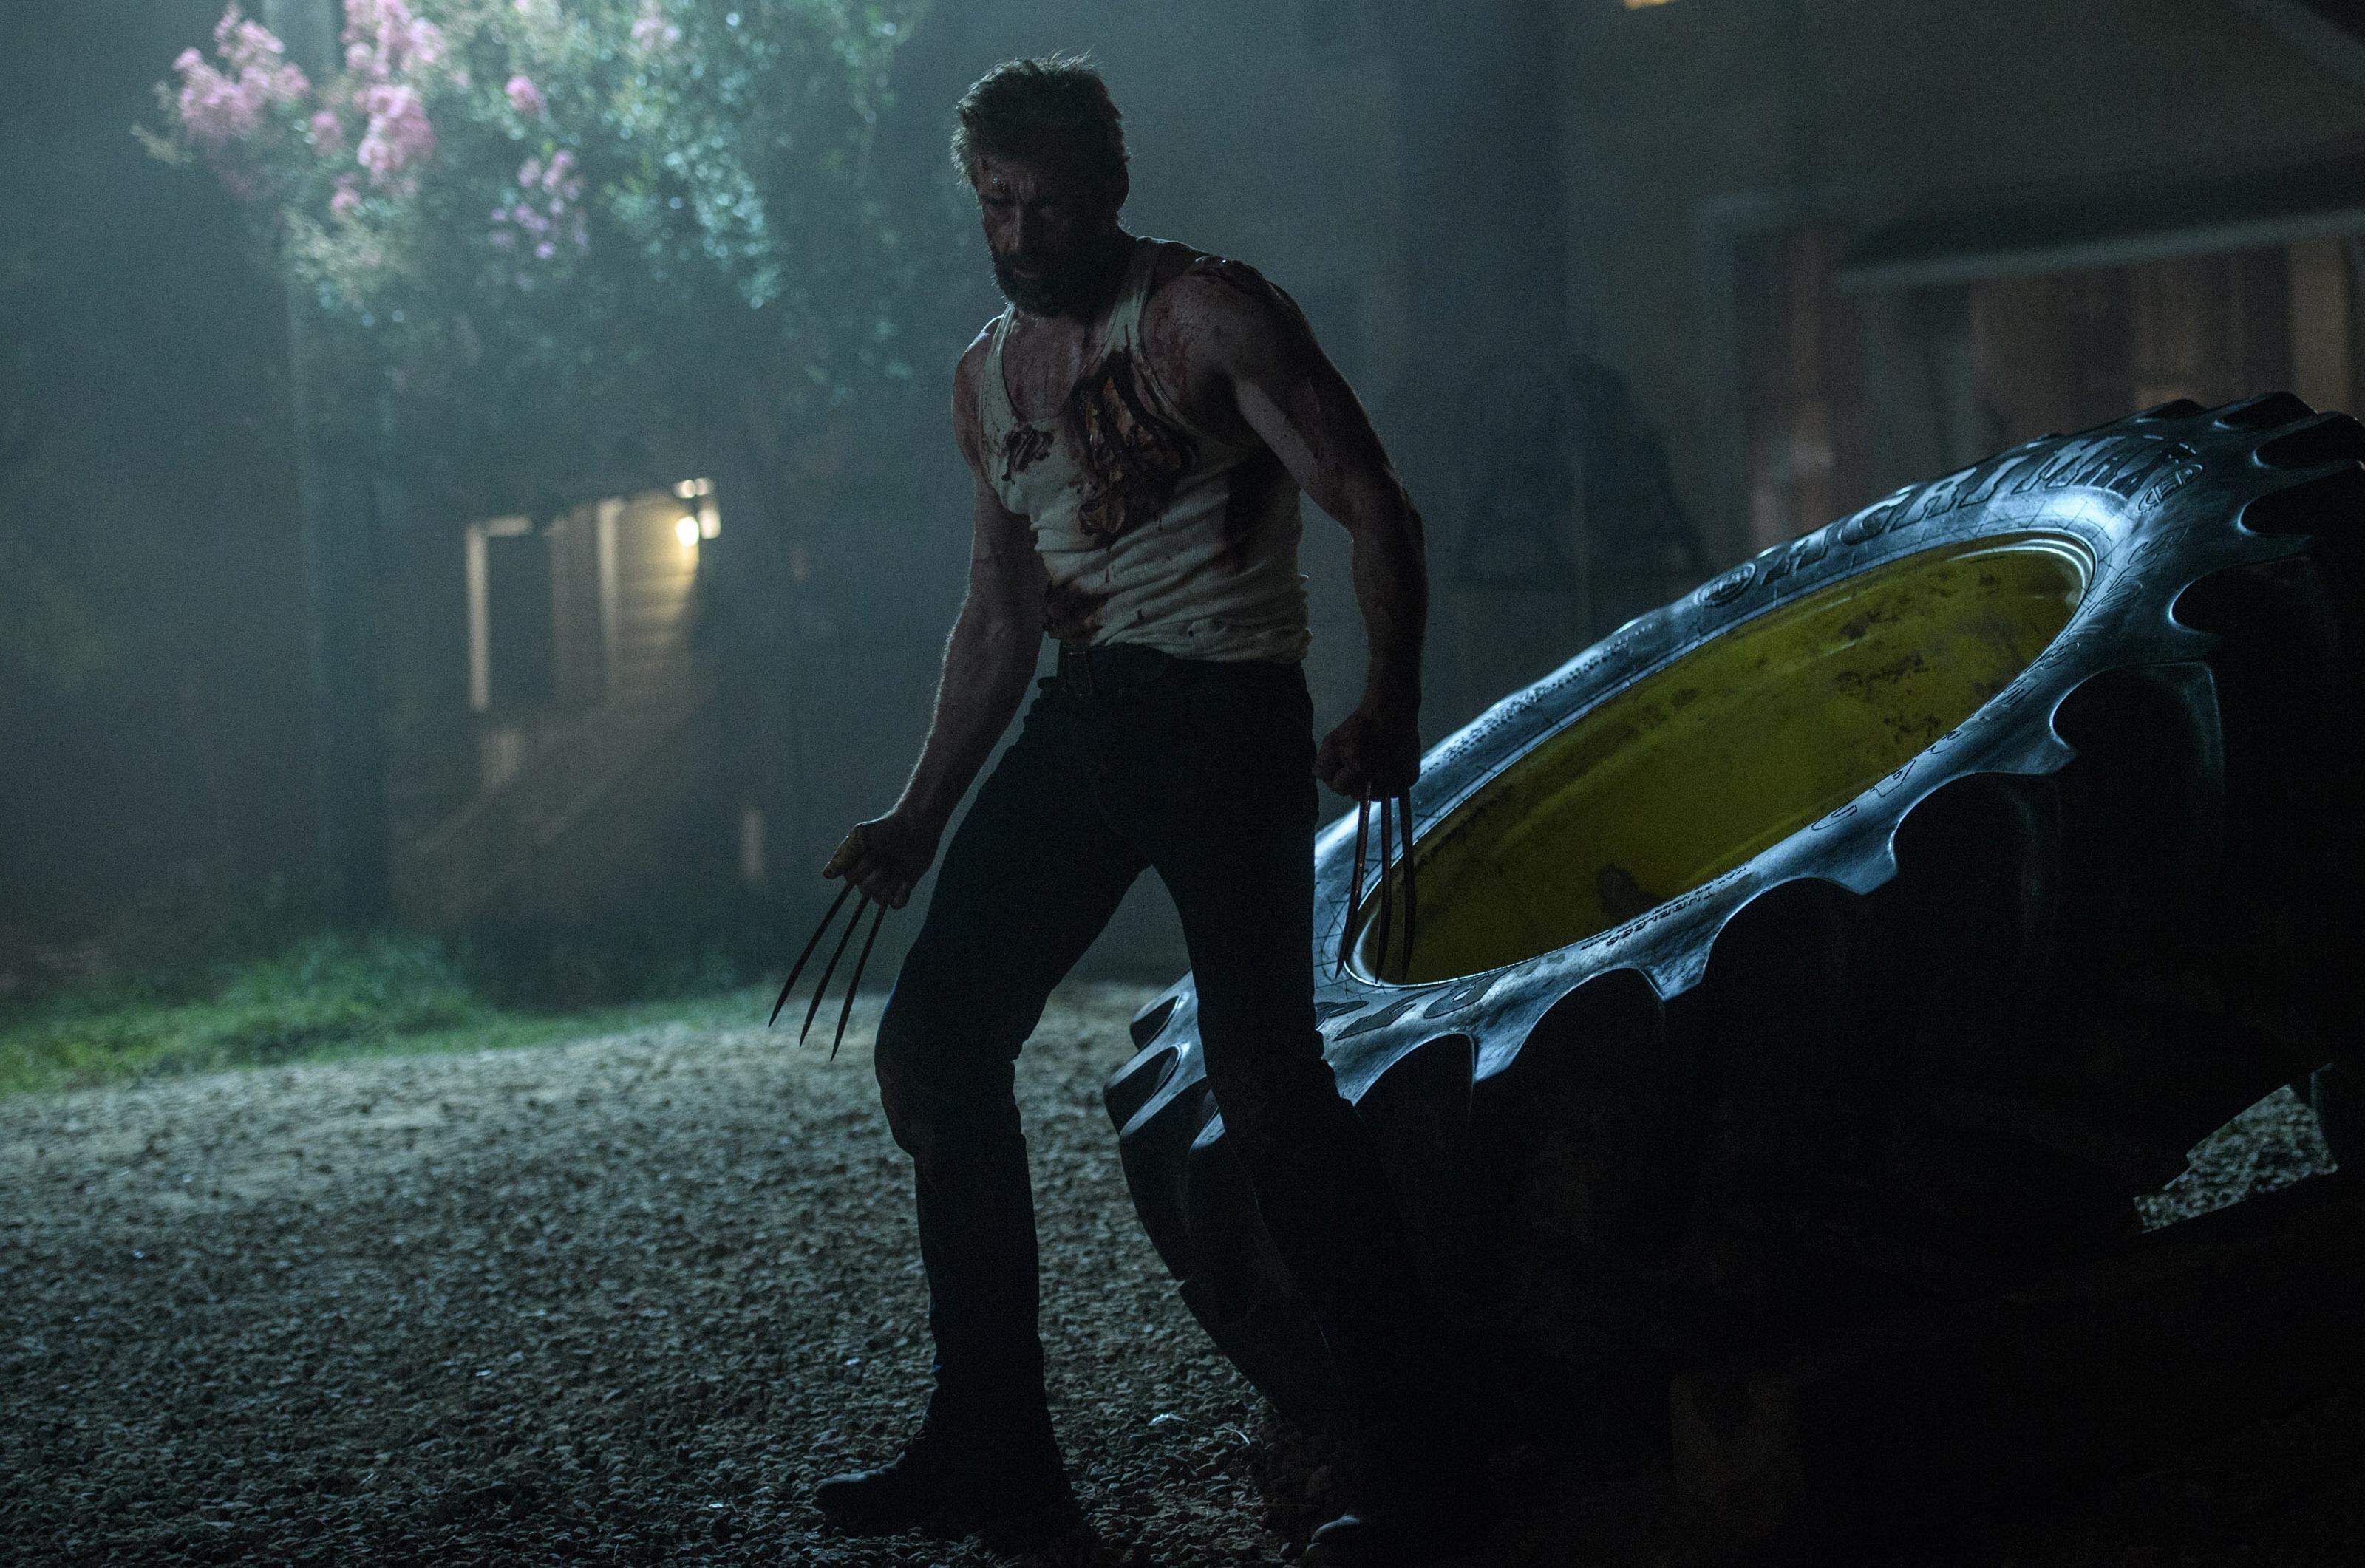 Хью Джекман ответил на слухи о возвращении к роли Росомахи в Marvel